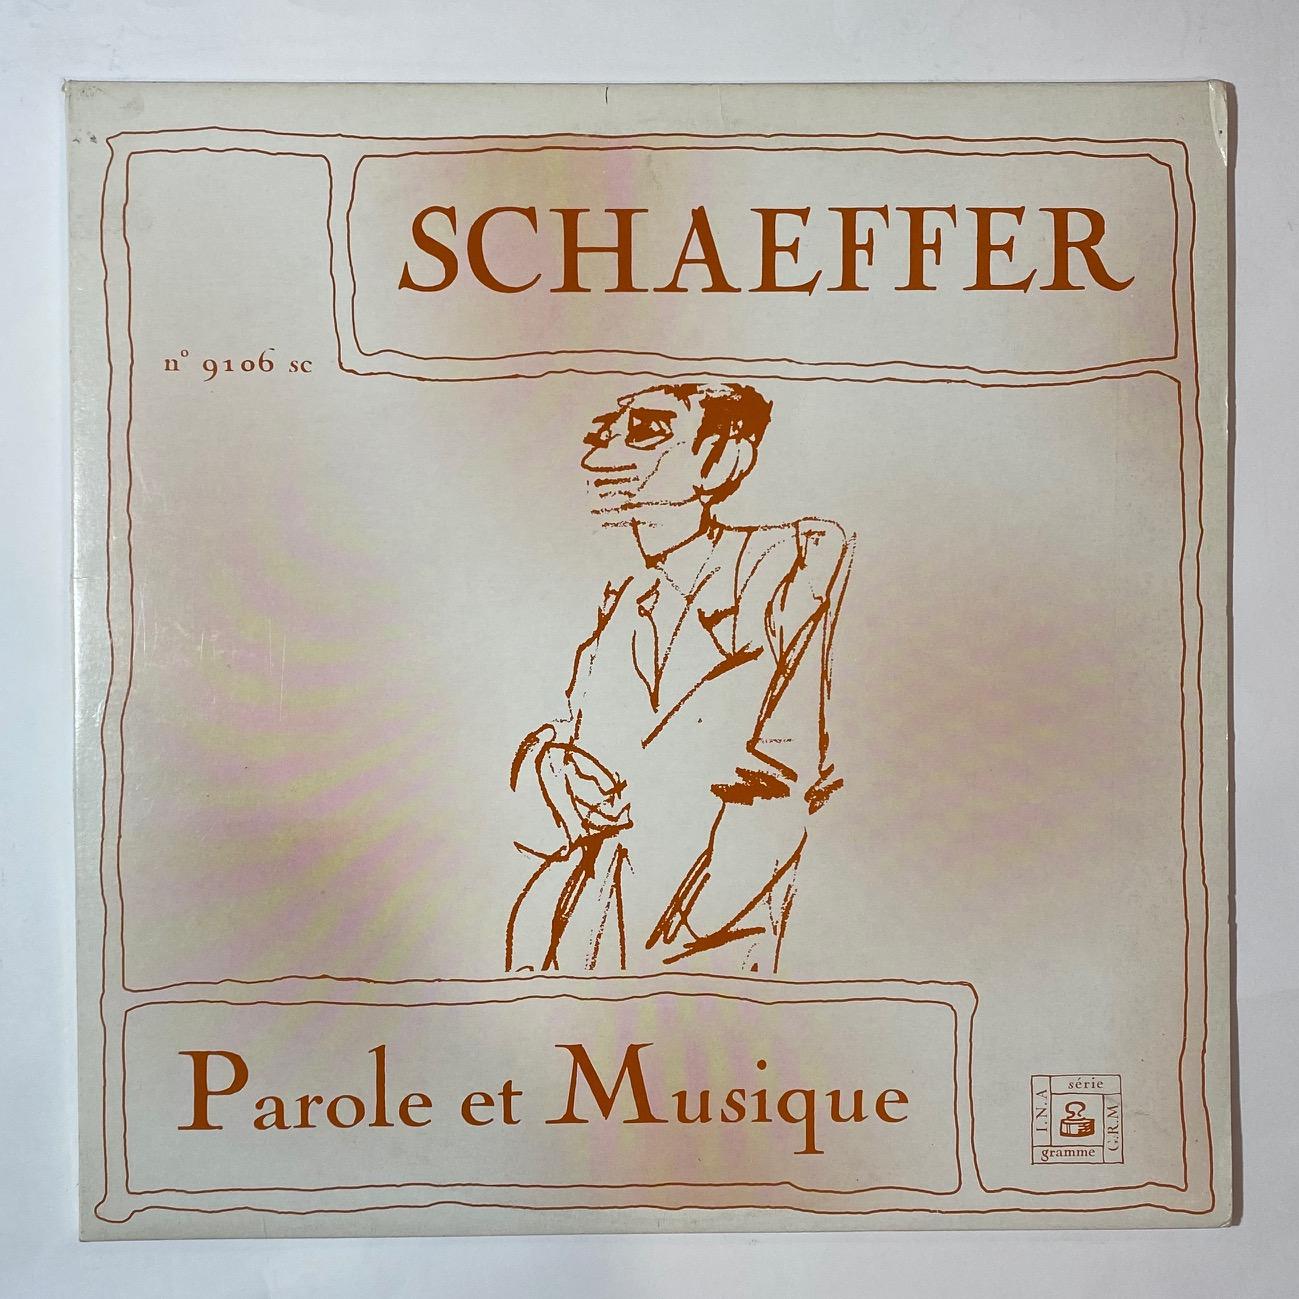 PIERRE SCHAEFFER - Parole Et Musique - LP